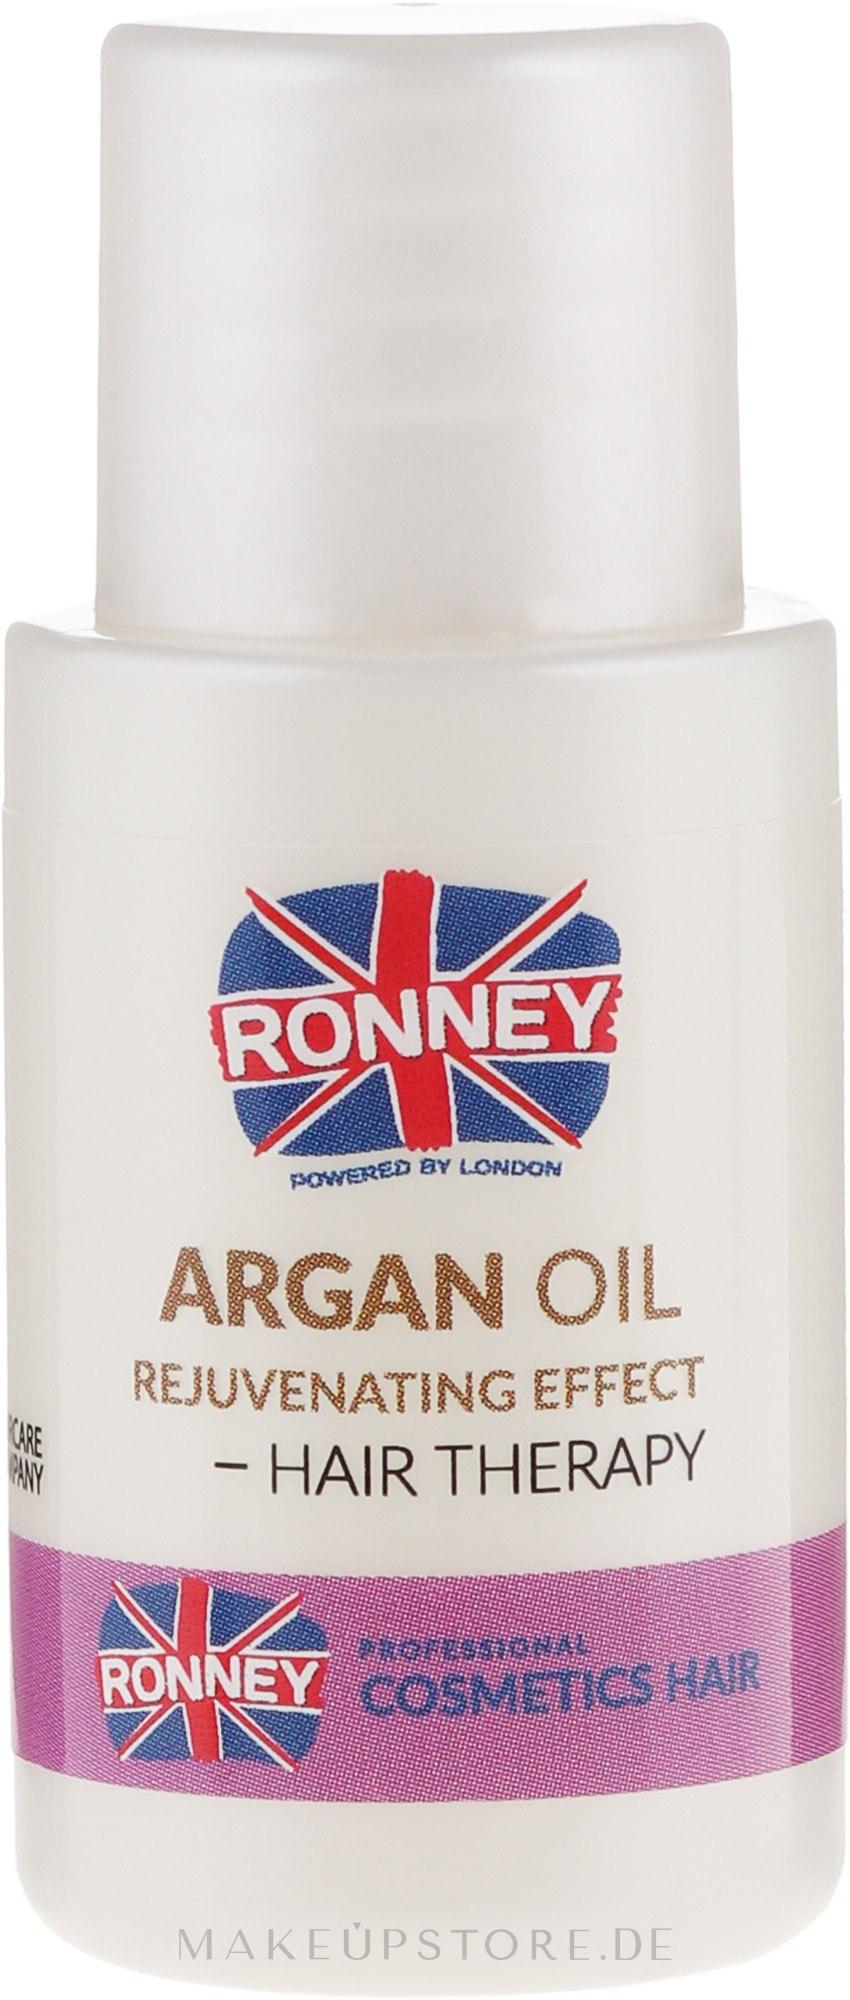 Arganöl für coloriertes Haar mit verjüngender Wirkung - Ronney Argan Oil Rejuvenating Hair Therapy — Bild 15 ml